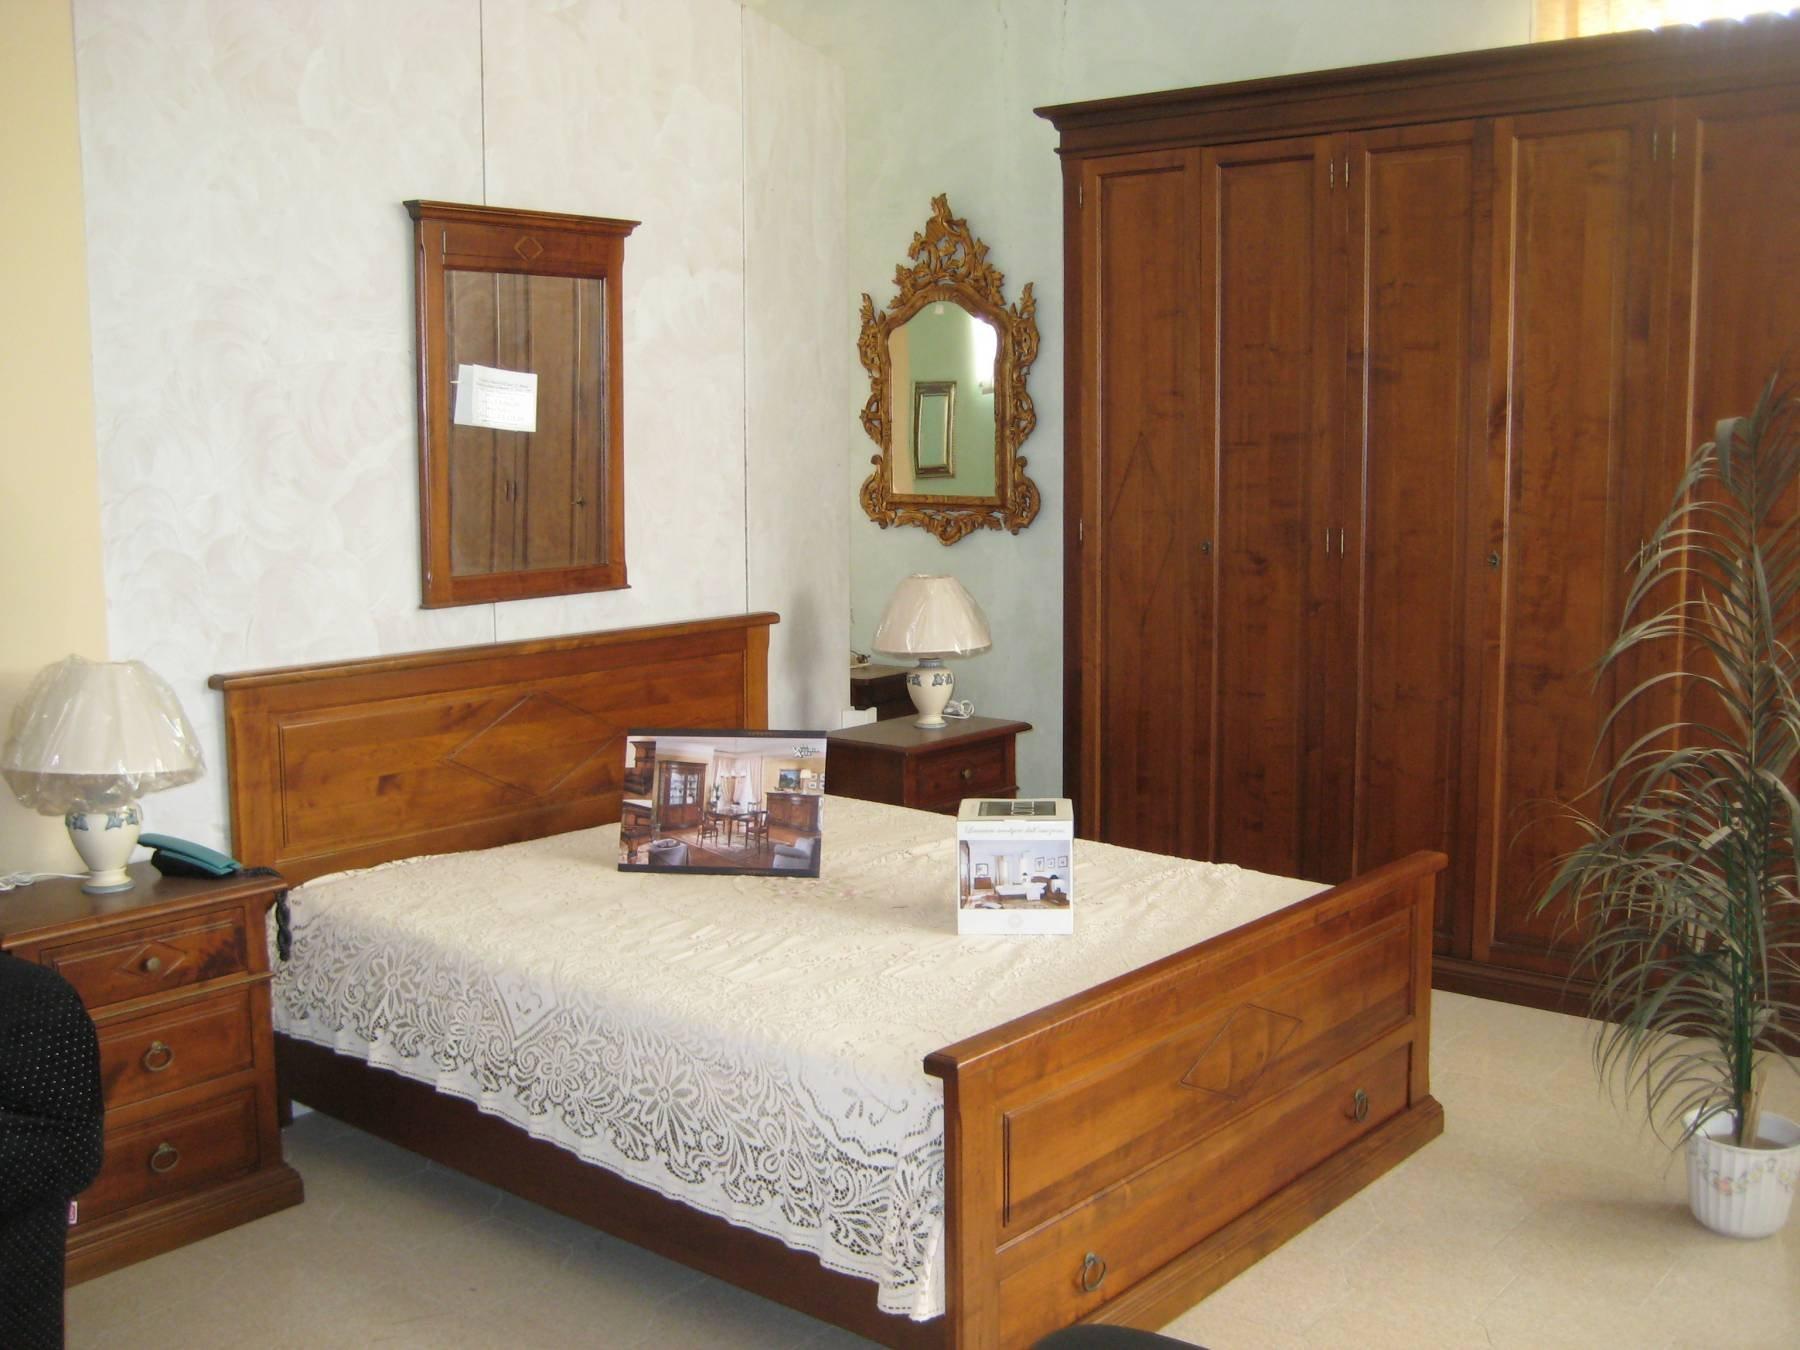 Prezzi dei mobili e arredamento per la casa camera da letto moderna morassutti - Mondo convenienza camere da letto arte povera ...